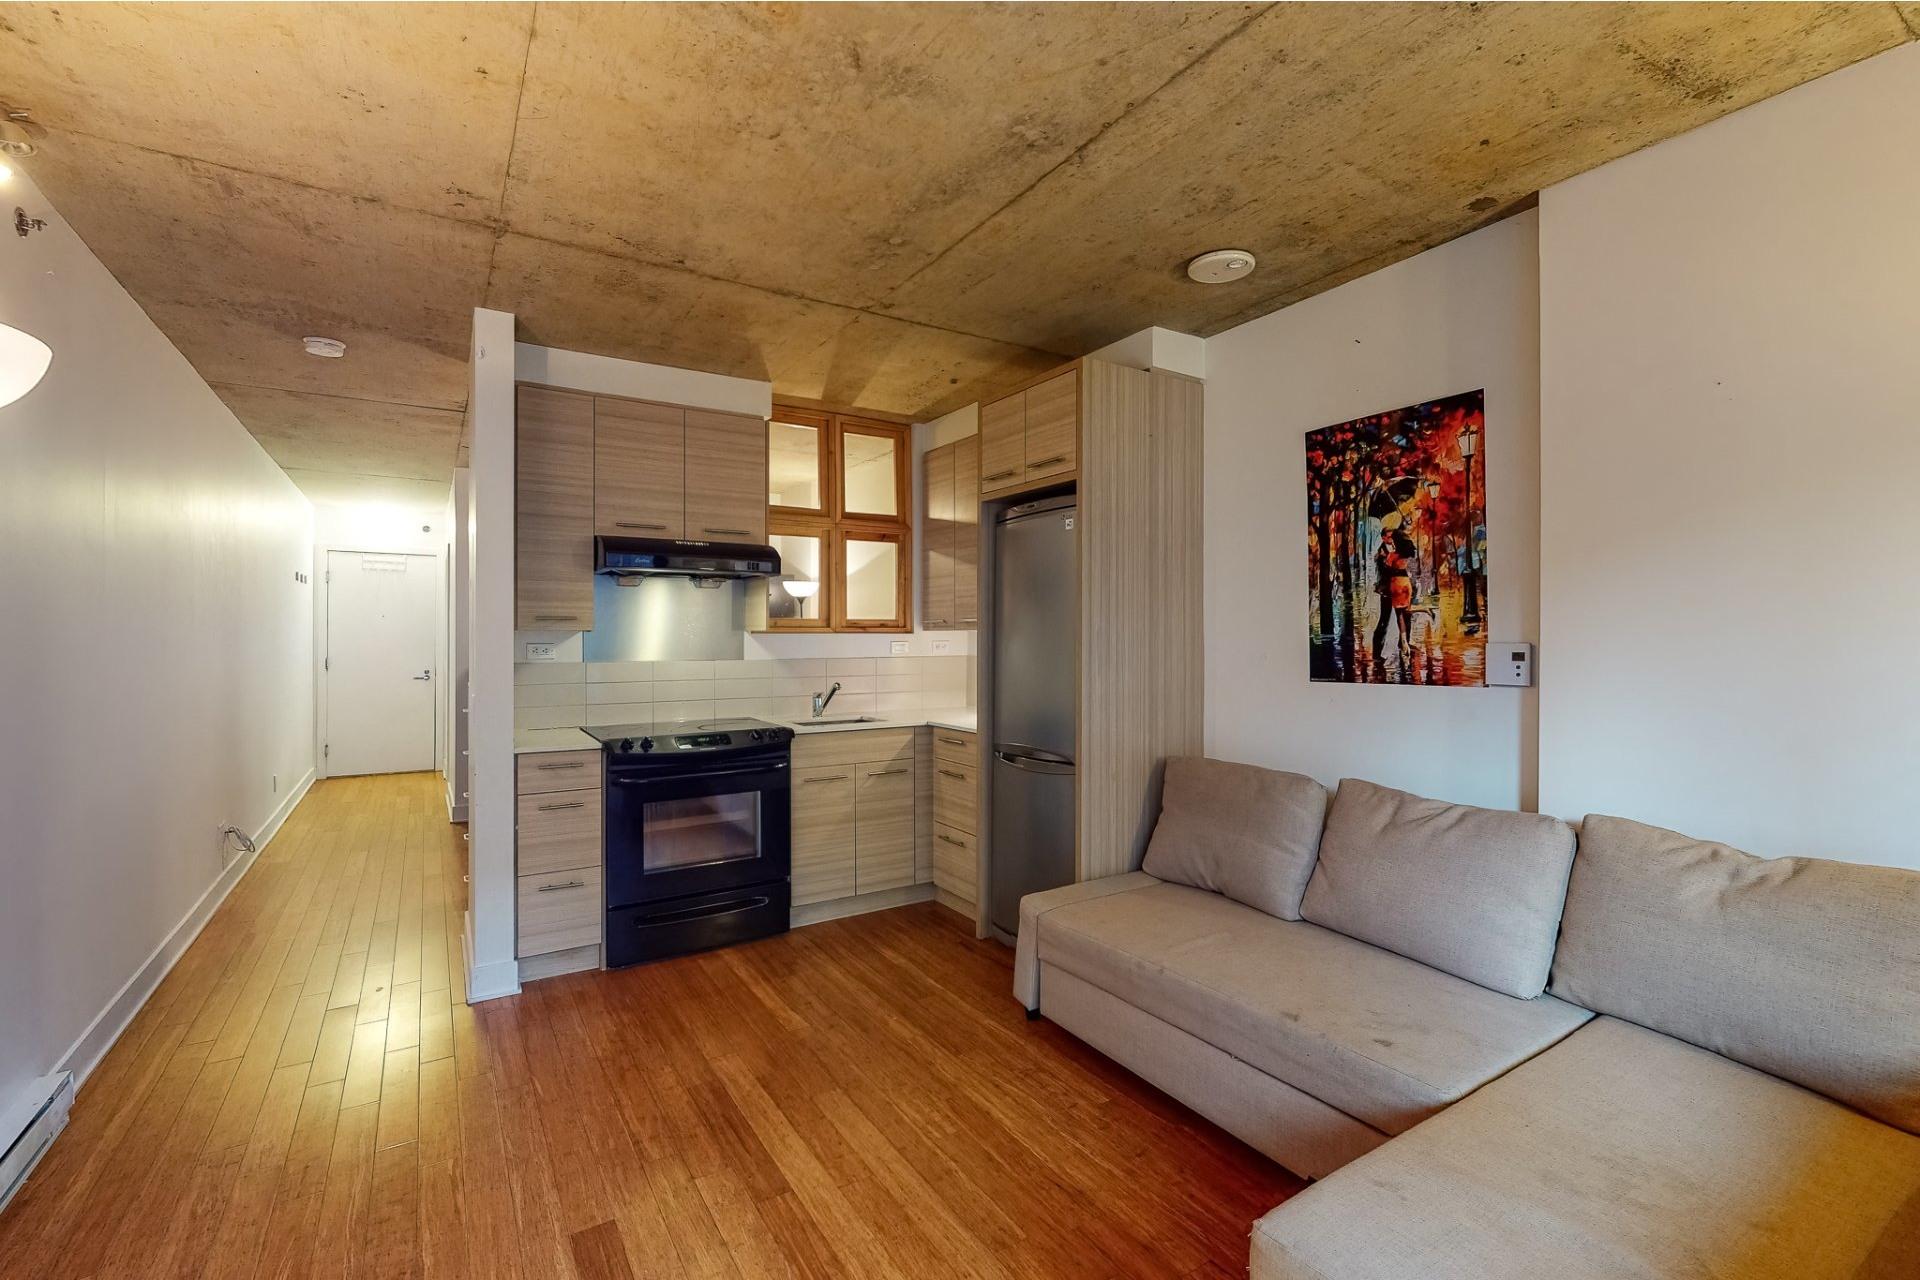 image 2 - Appartement À vendre Ville-Marie Montréal  - 2 pièces